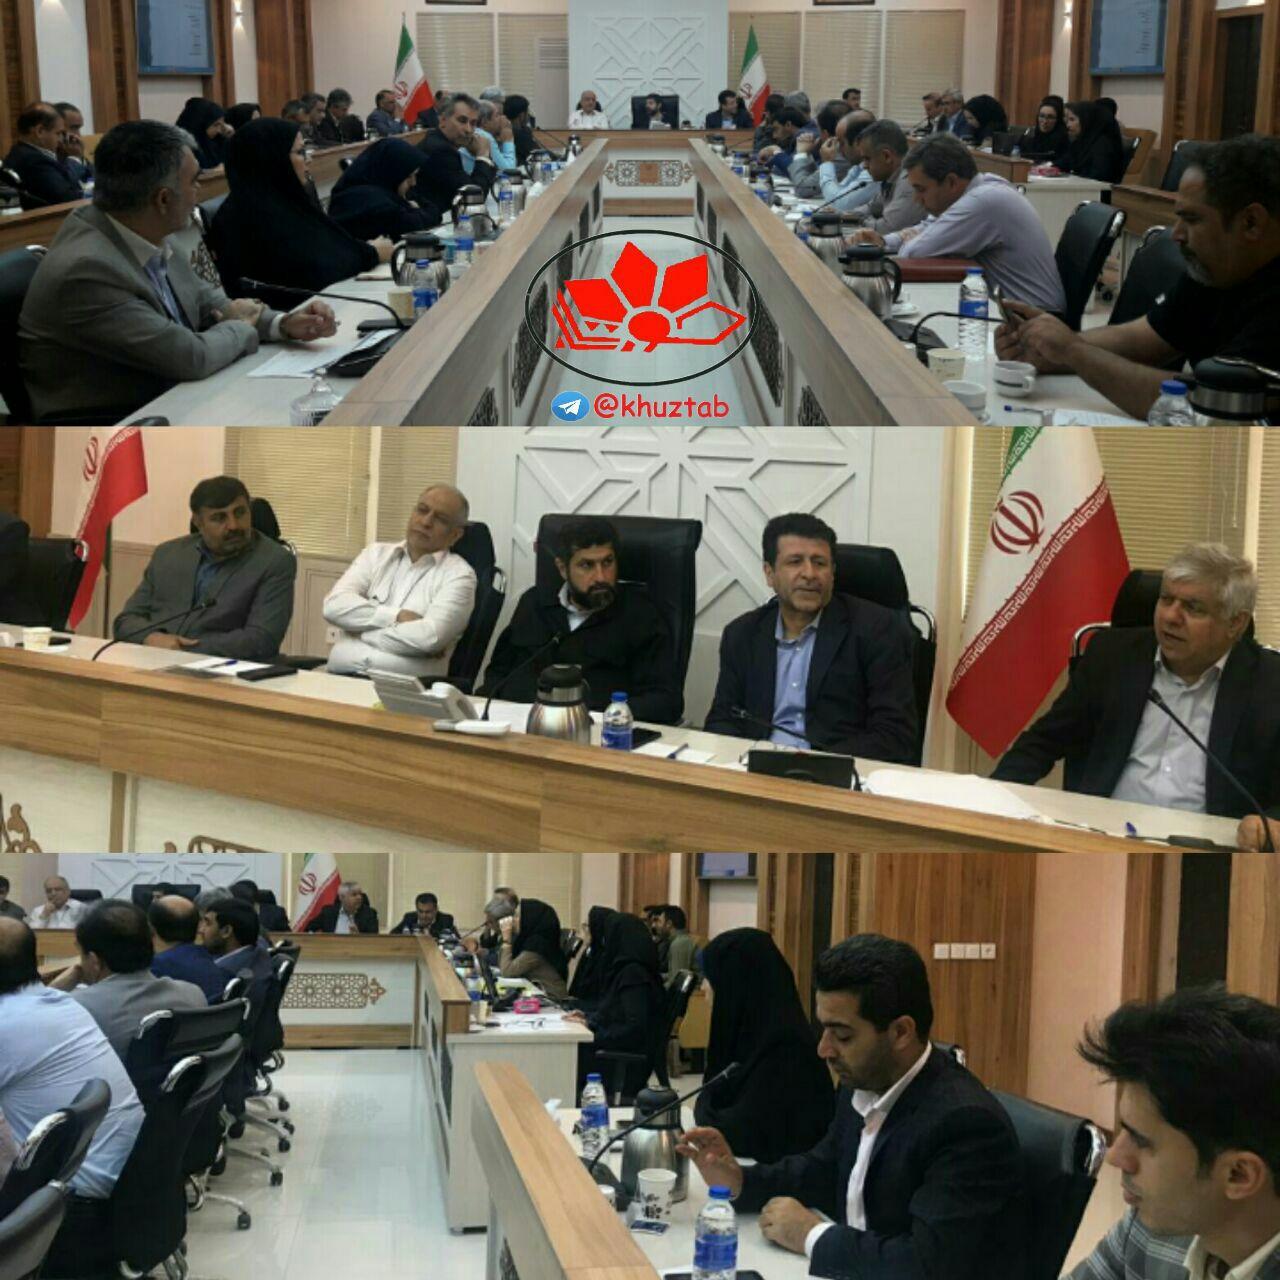 IMG 20190715 145455 867 اتمامِحجت استاندار خوزستان با مدیران غایب / عذر شما را میخواهیم